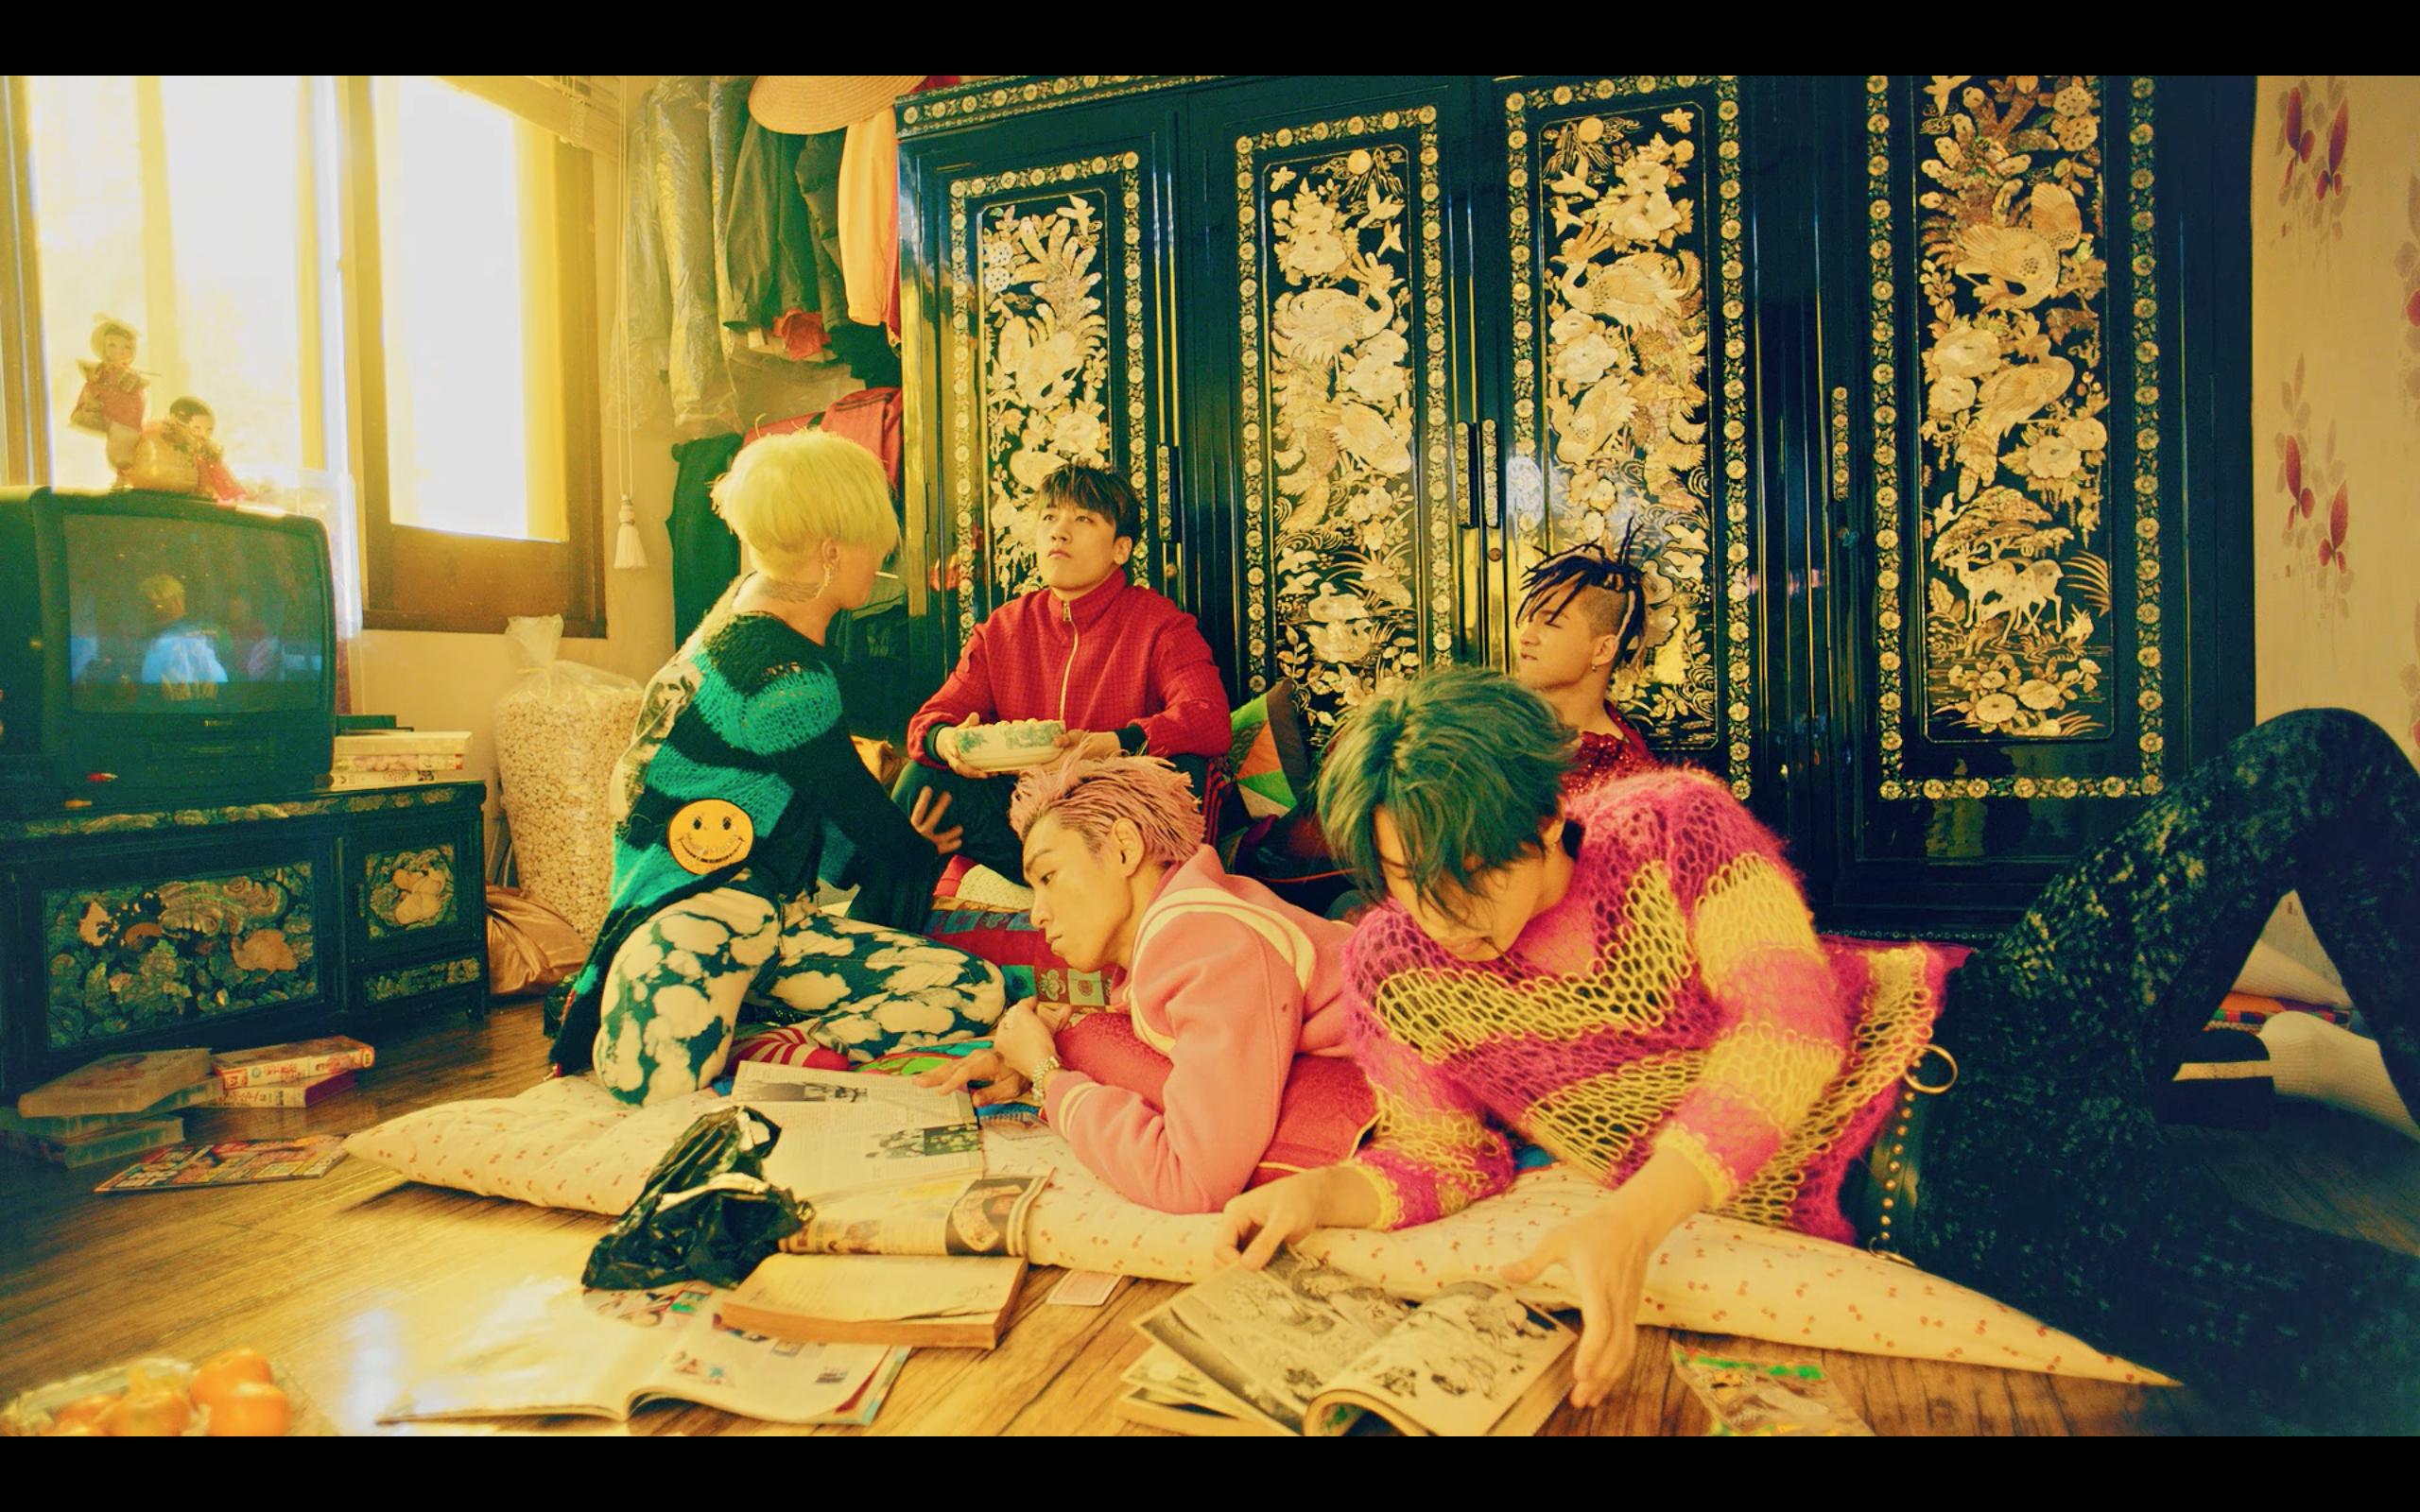 에라모르겠다 M/V 티저영상: BIGBANG - '에라 모르겠다(FXXK IT)' M/V TEASER